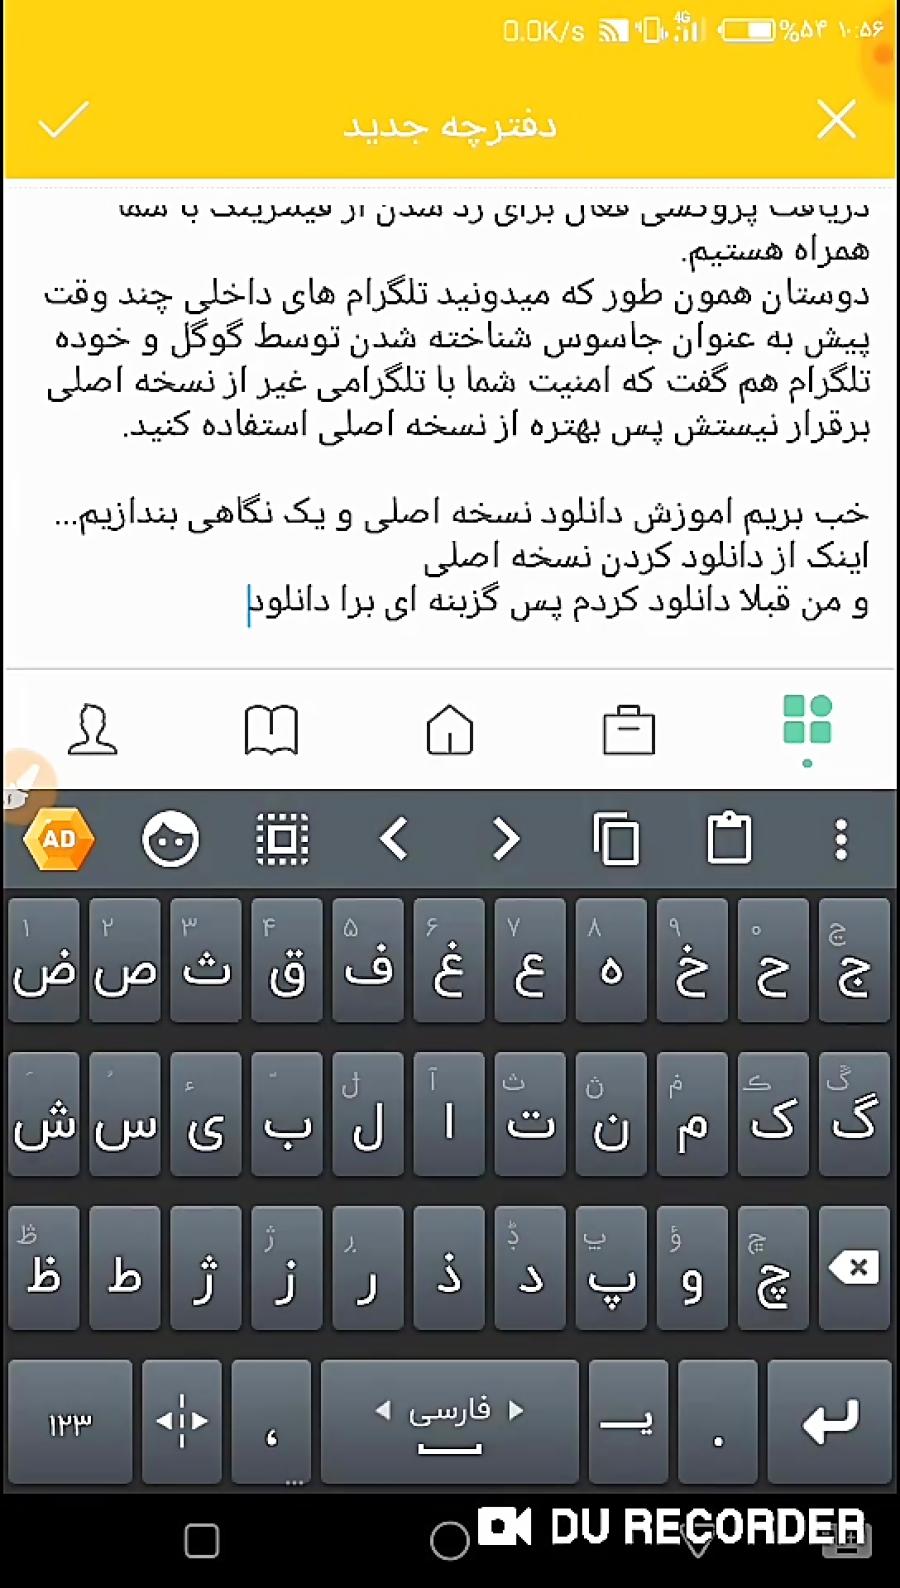 آموزش دریافت پروکسی فعال برا تلگرام/ پروکسی پر سرعت بر تلگرام / رفع فیلتر تلگرام